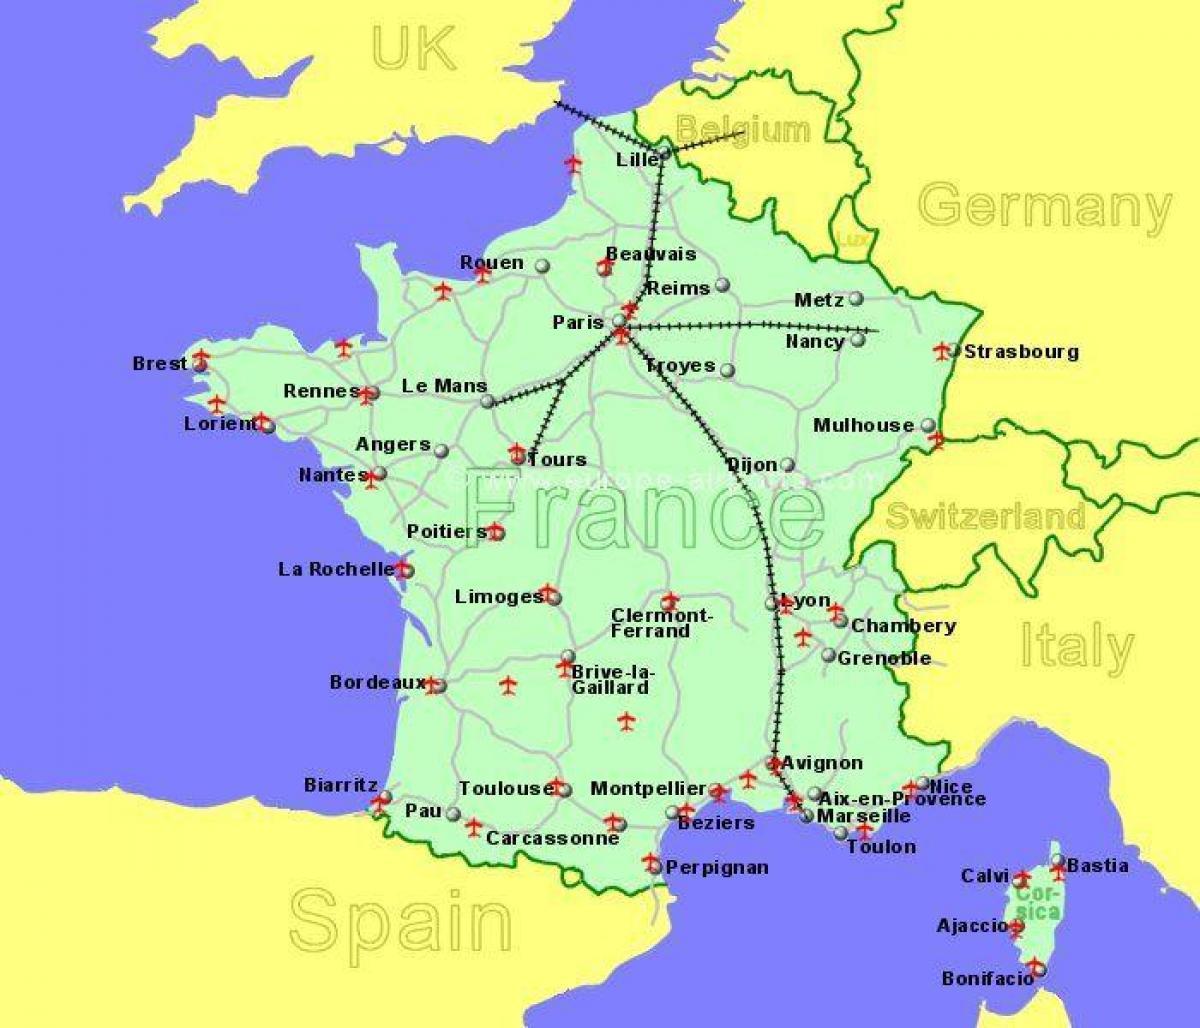 flyplasser i frankrike kart Sør Frankrike flyplasser kart   Flyplasser i sør Frankrike kart  flyplasser i frankrike kart